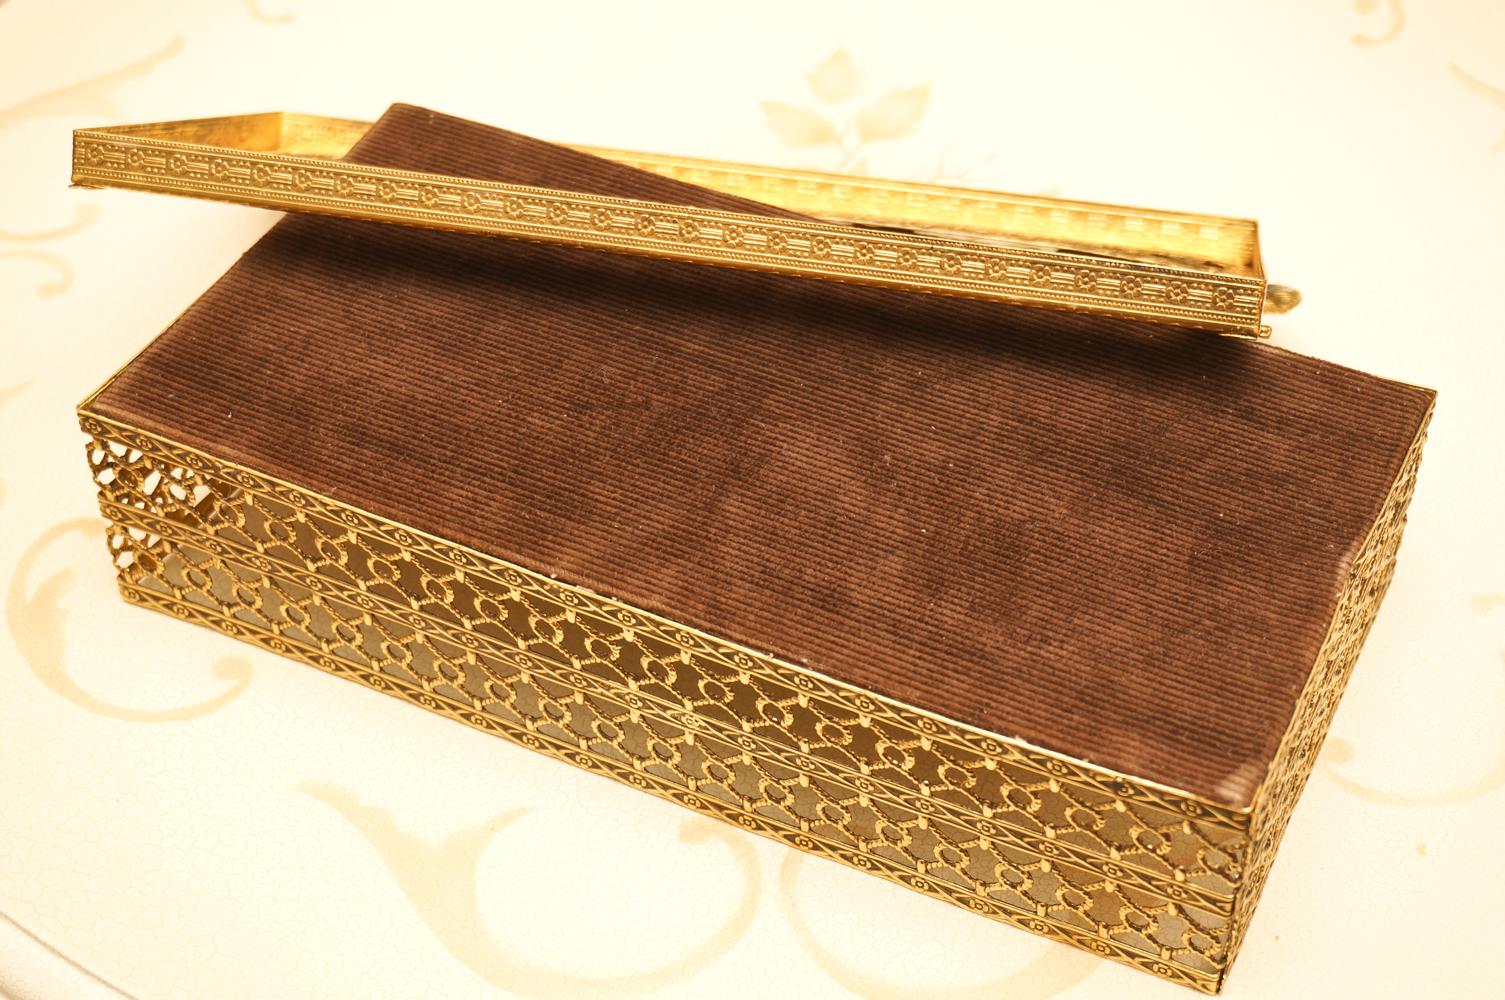 スタイルビルト製 ゴールド リボン ティッシュボックス 裏側